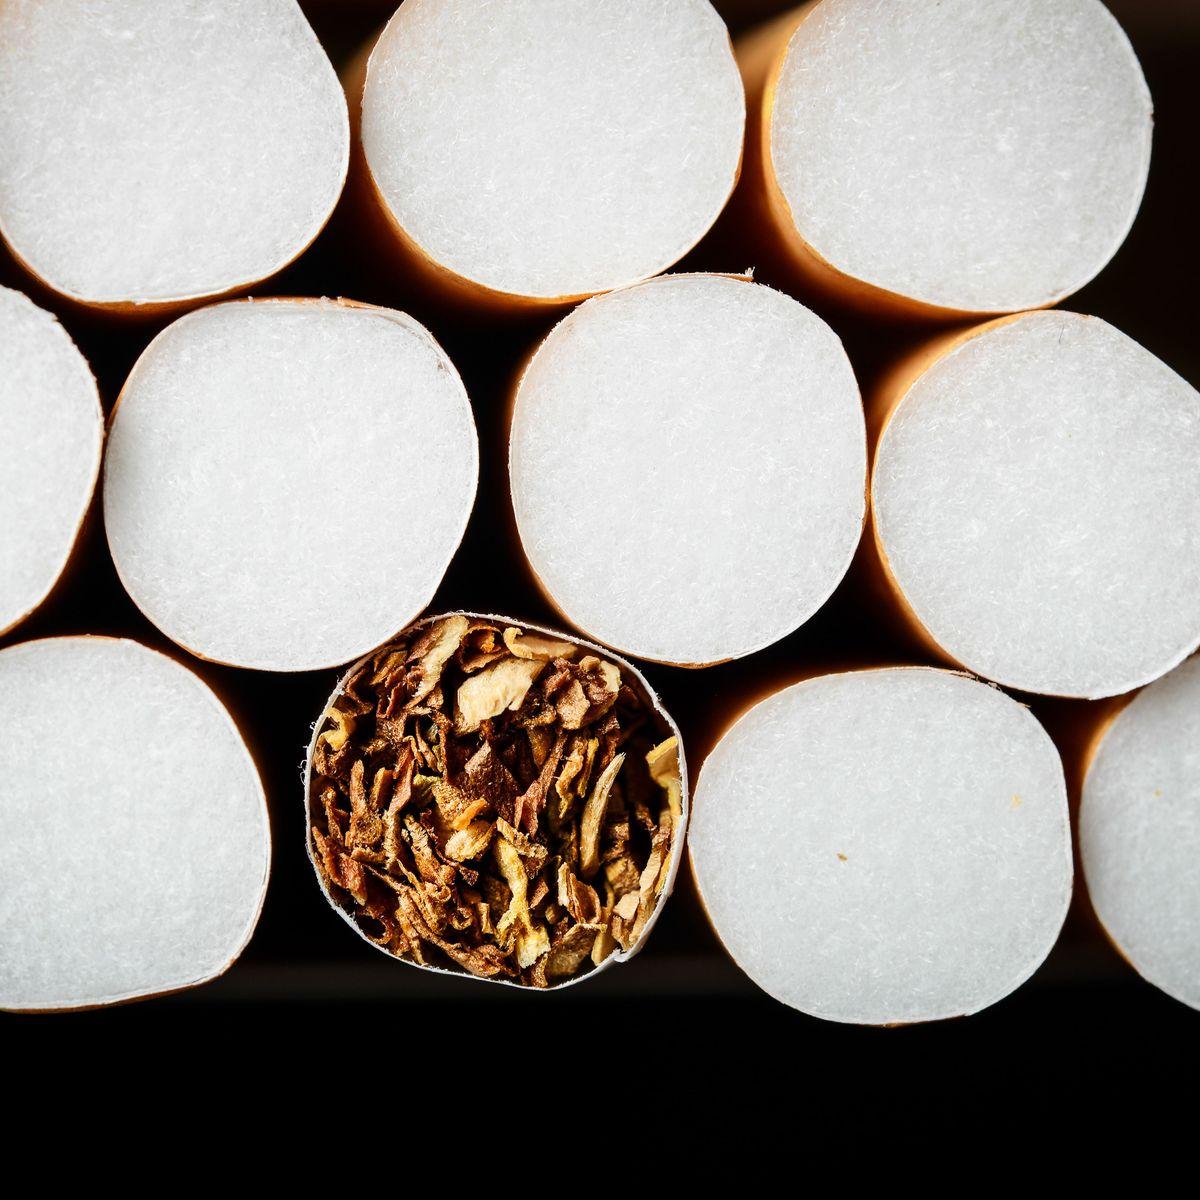 raucherbein anfang bilder